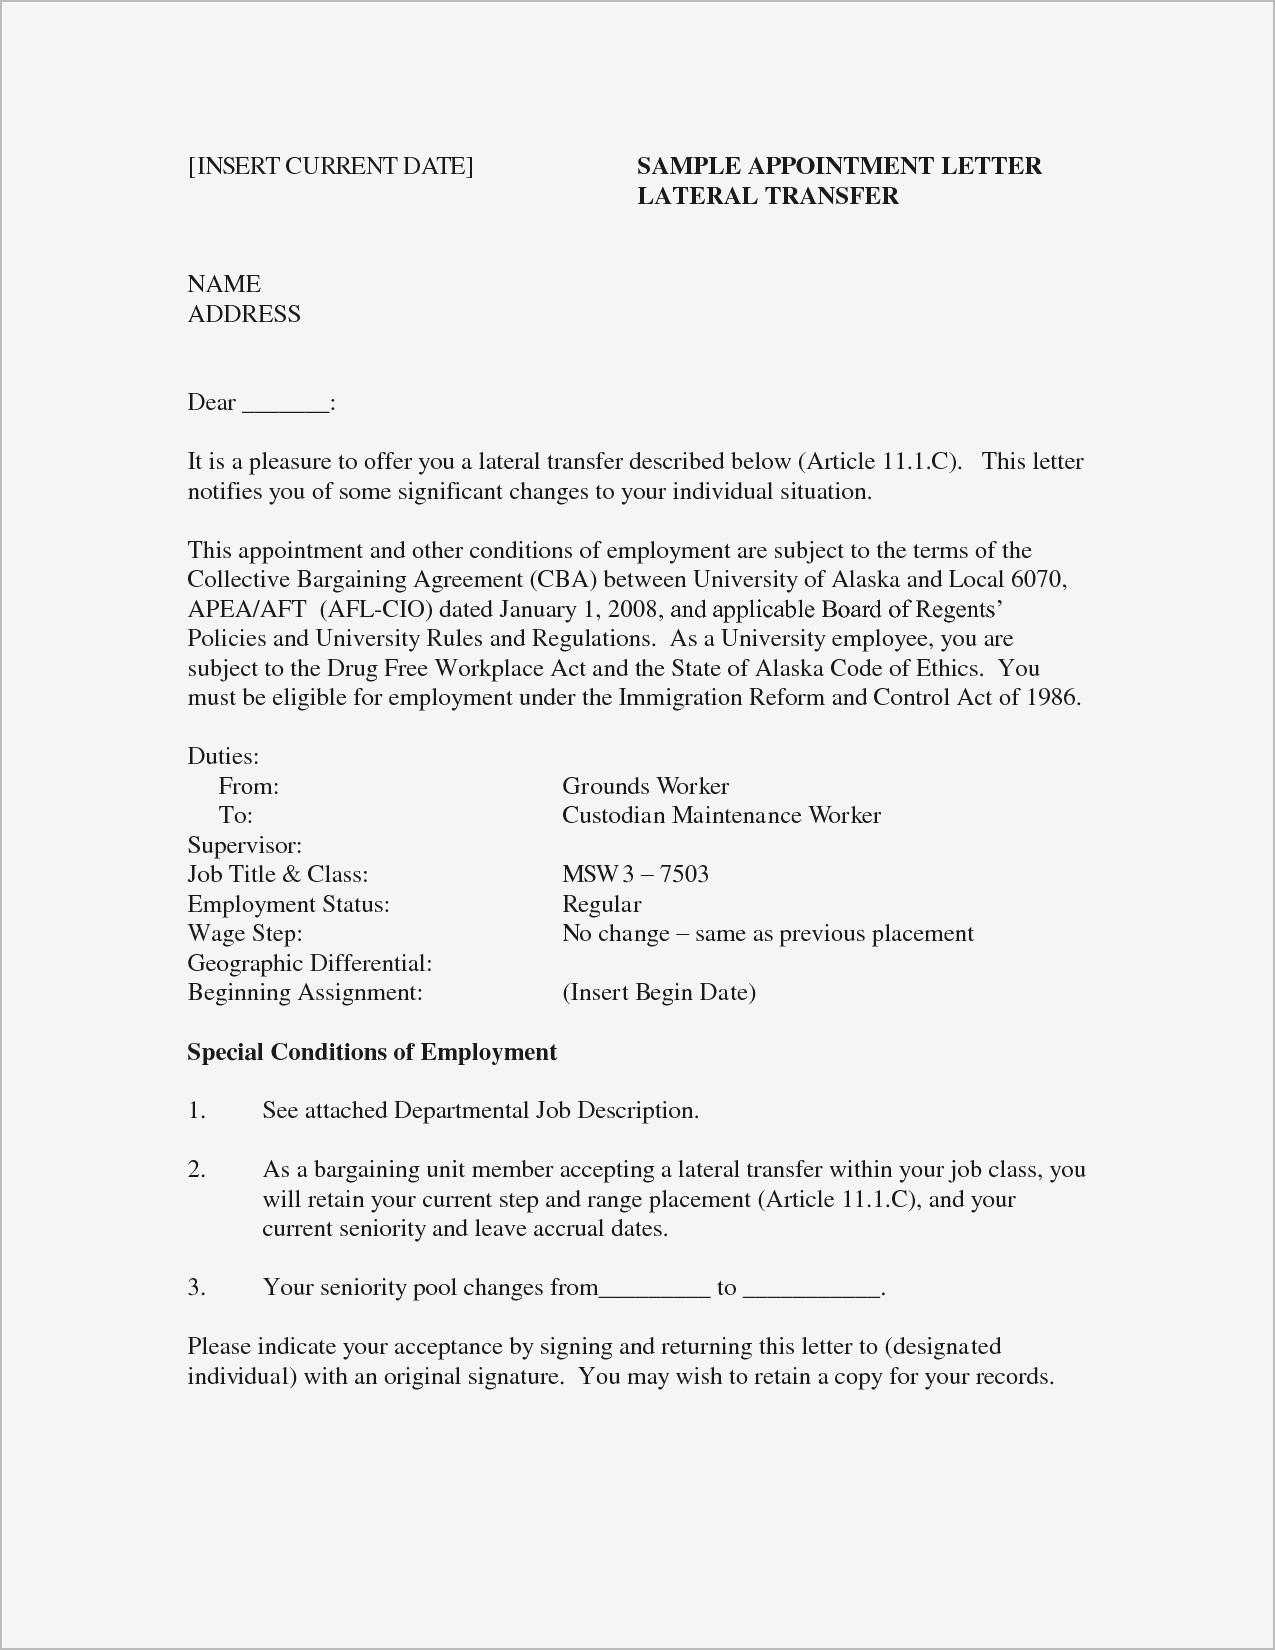 Dear Seller Letter Template - Cover Letter Examples for Job Samples